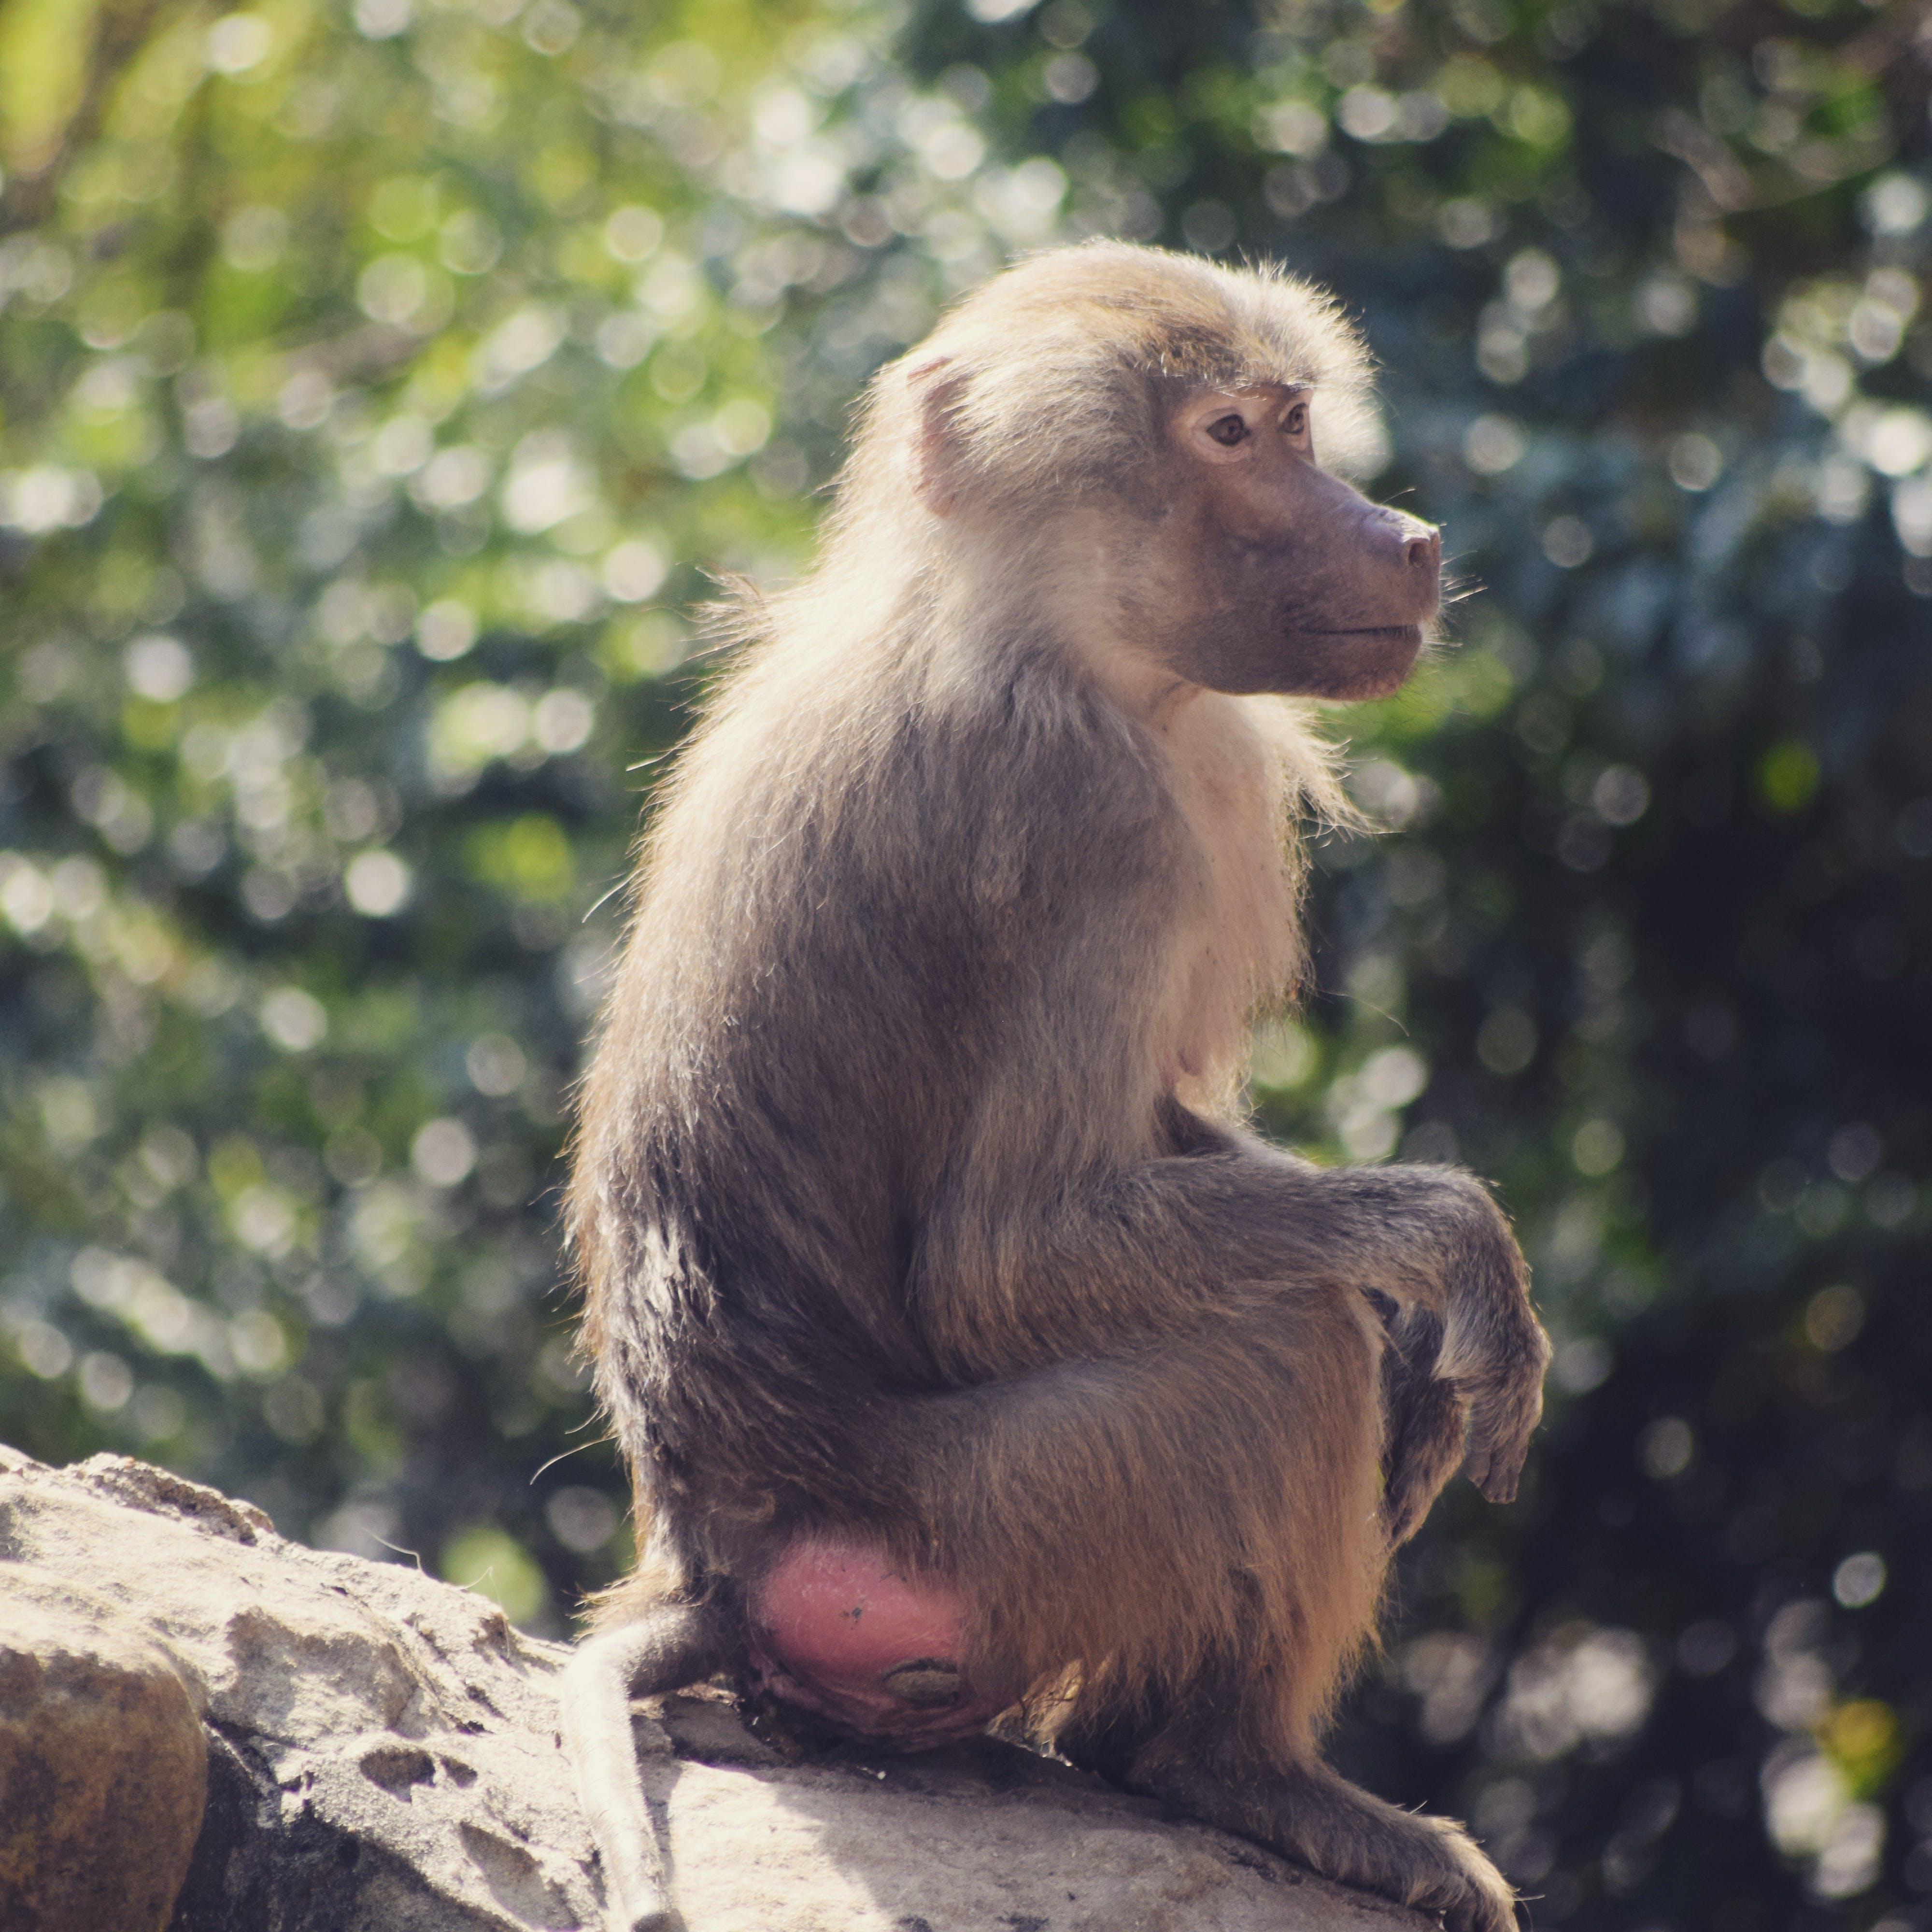 개코원숭이, 나무, 낮, 동물의 무료 스톡 사진